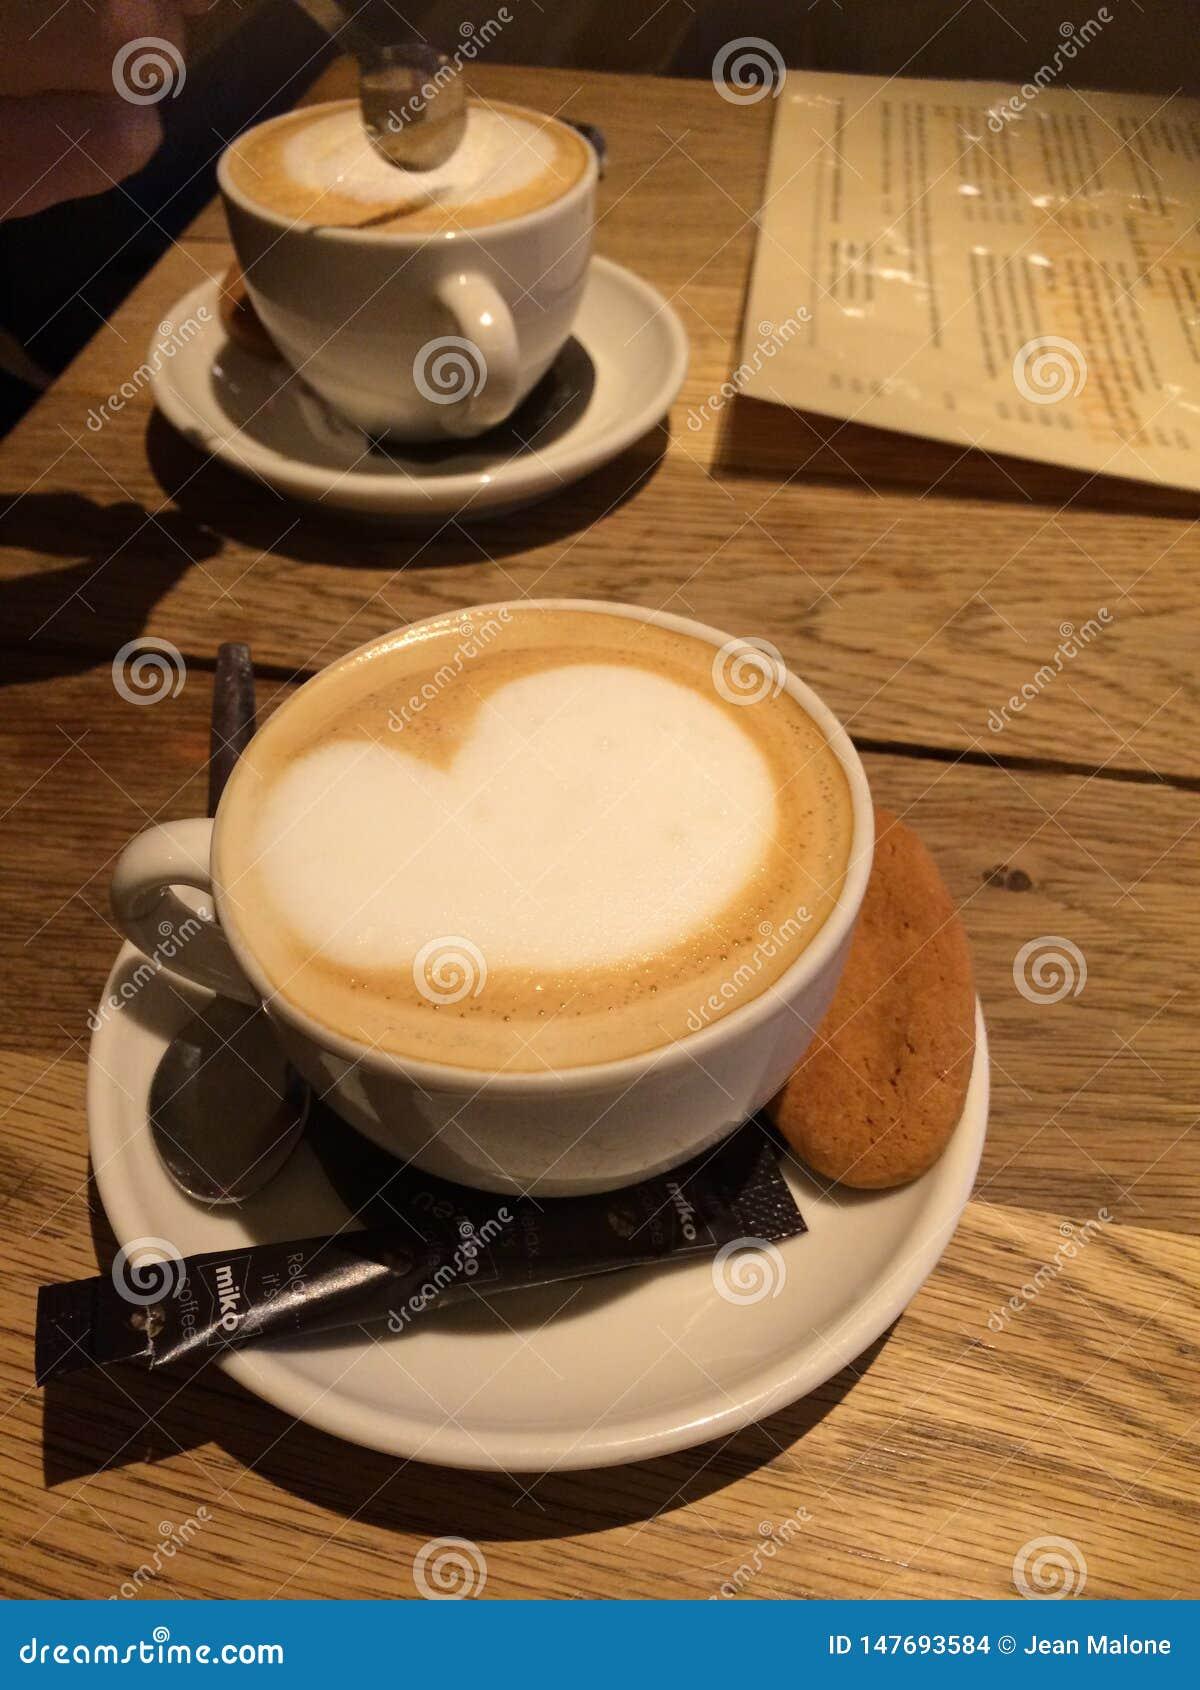 两个杯子在一张木桌上的热奶咖啡与泡沫的心脏和饼干